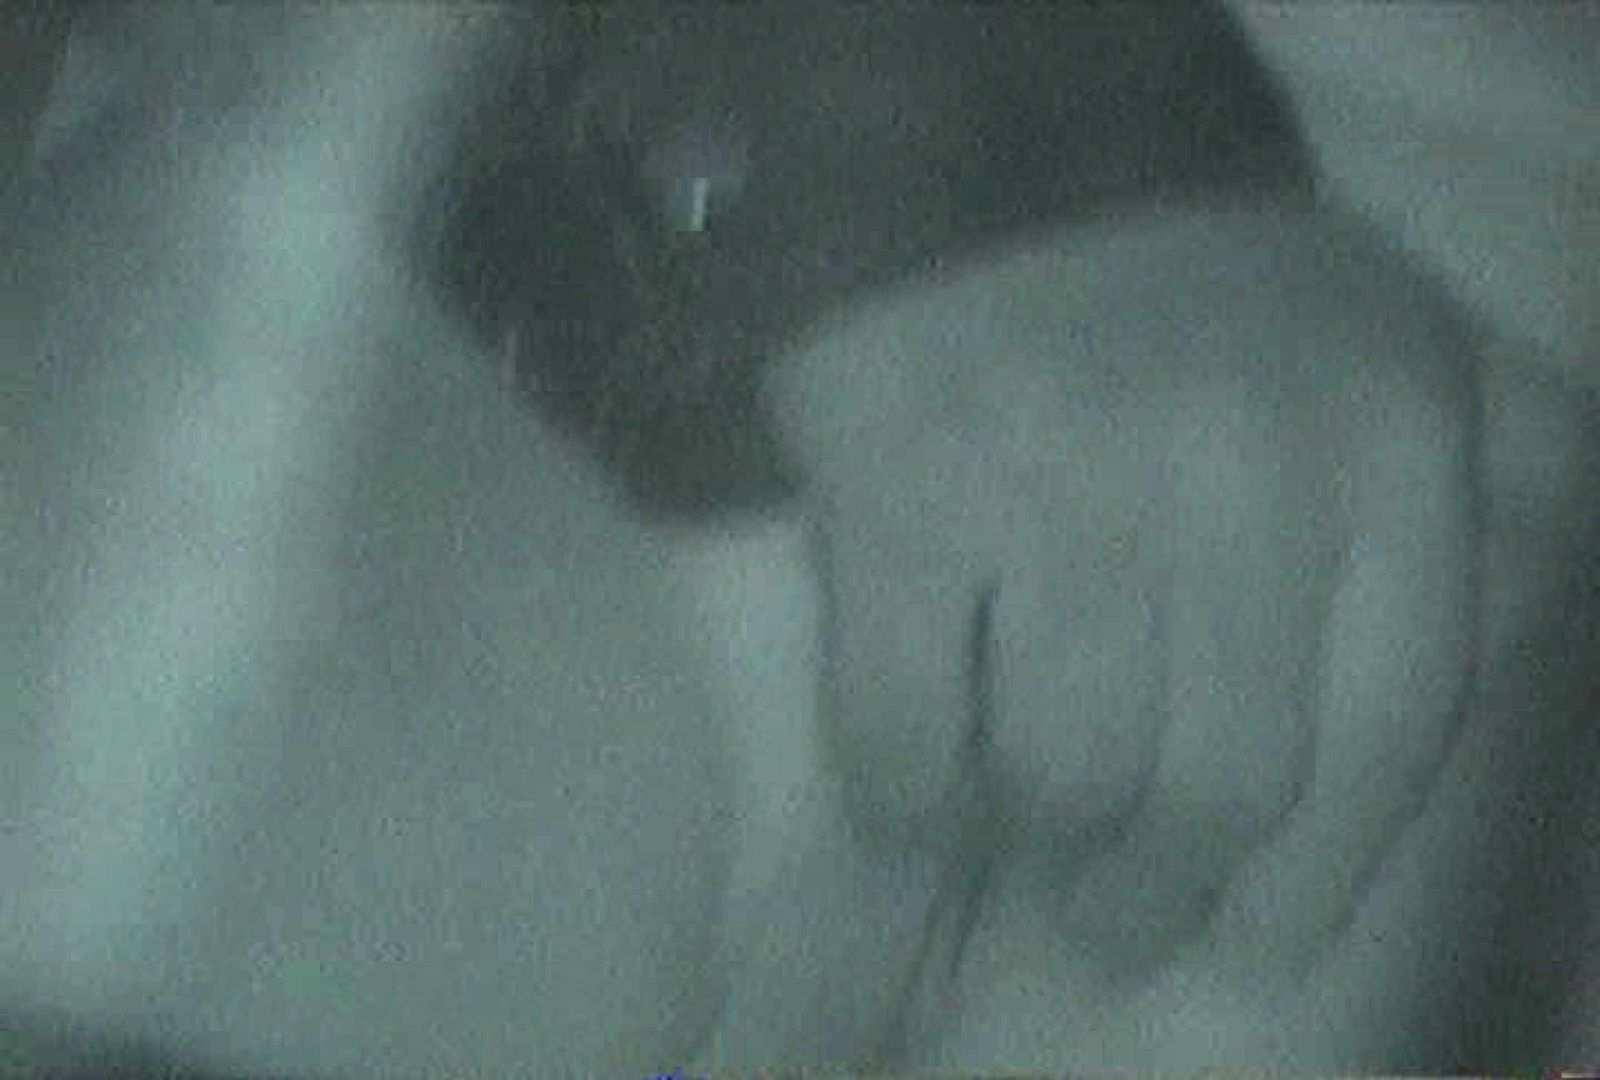 充血監督の深夜の運動会Vol.60 おまんこ無修正 盗み撮りSEX無修正画像 22pic 11